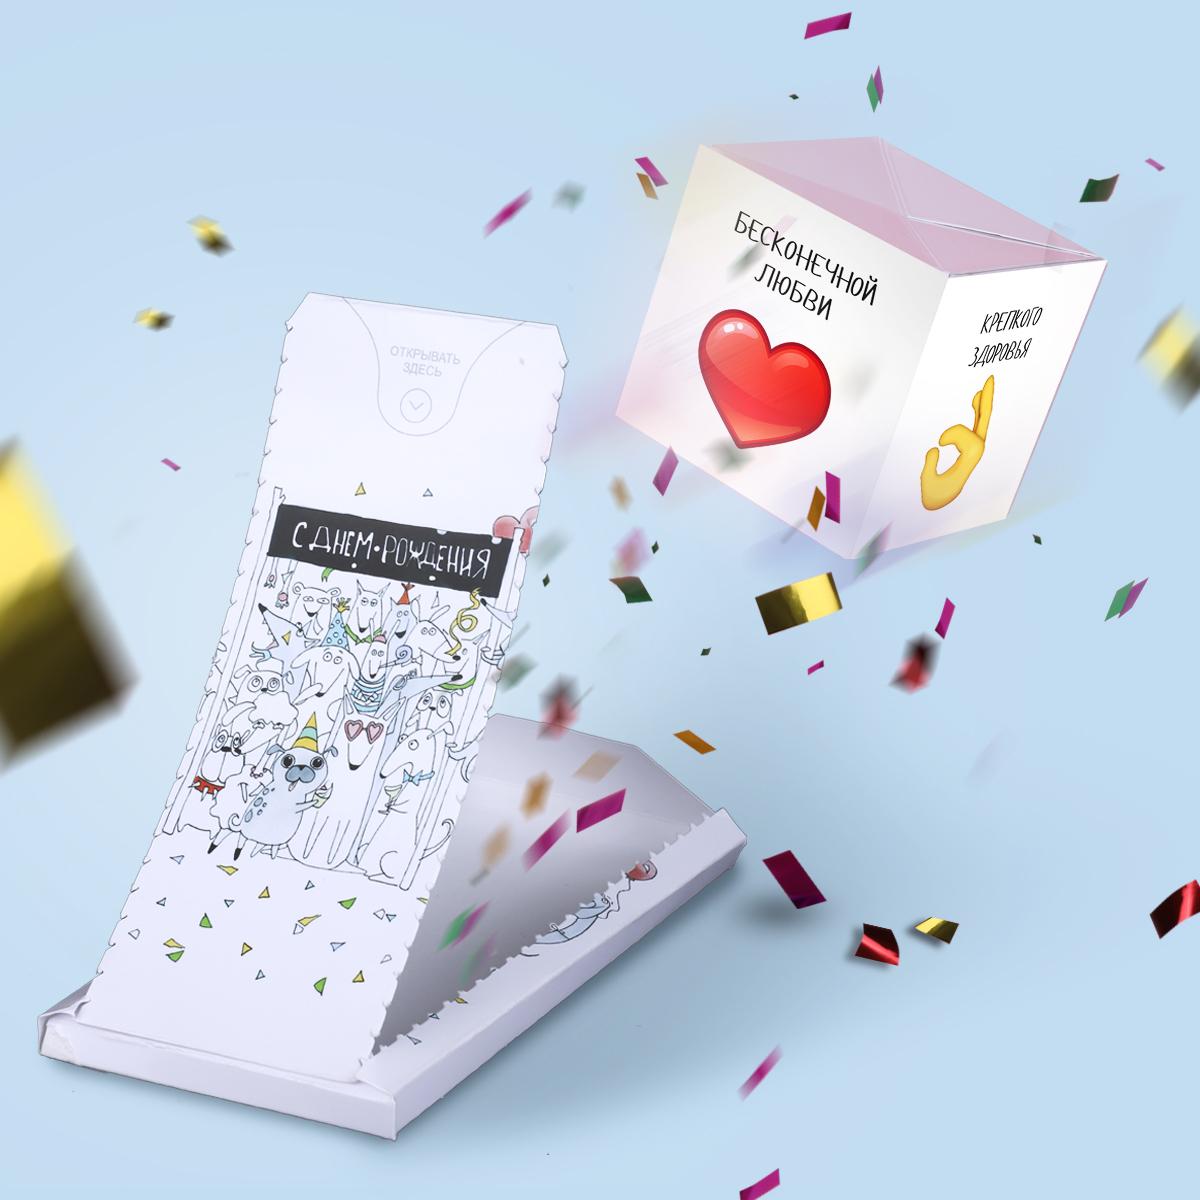 """Бум-открытка с конфетти """"С Днём Рождения!"""" в подарок на День рождения, юбилей для коллег, друзей, родственников - Notta & Belle"""